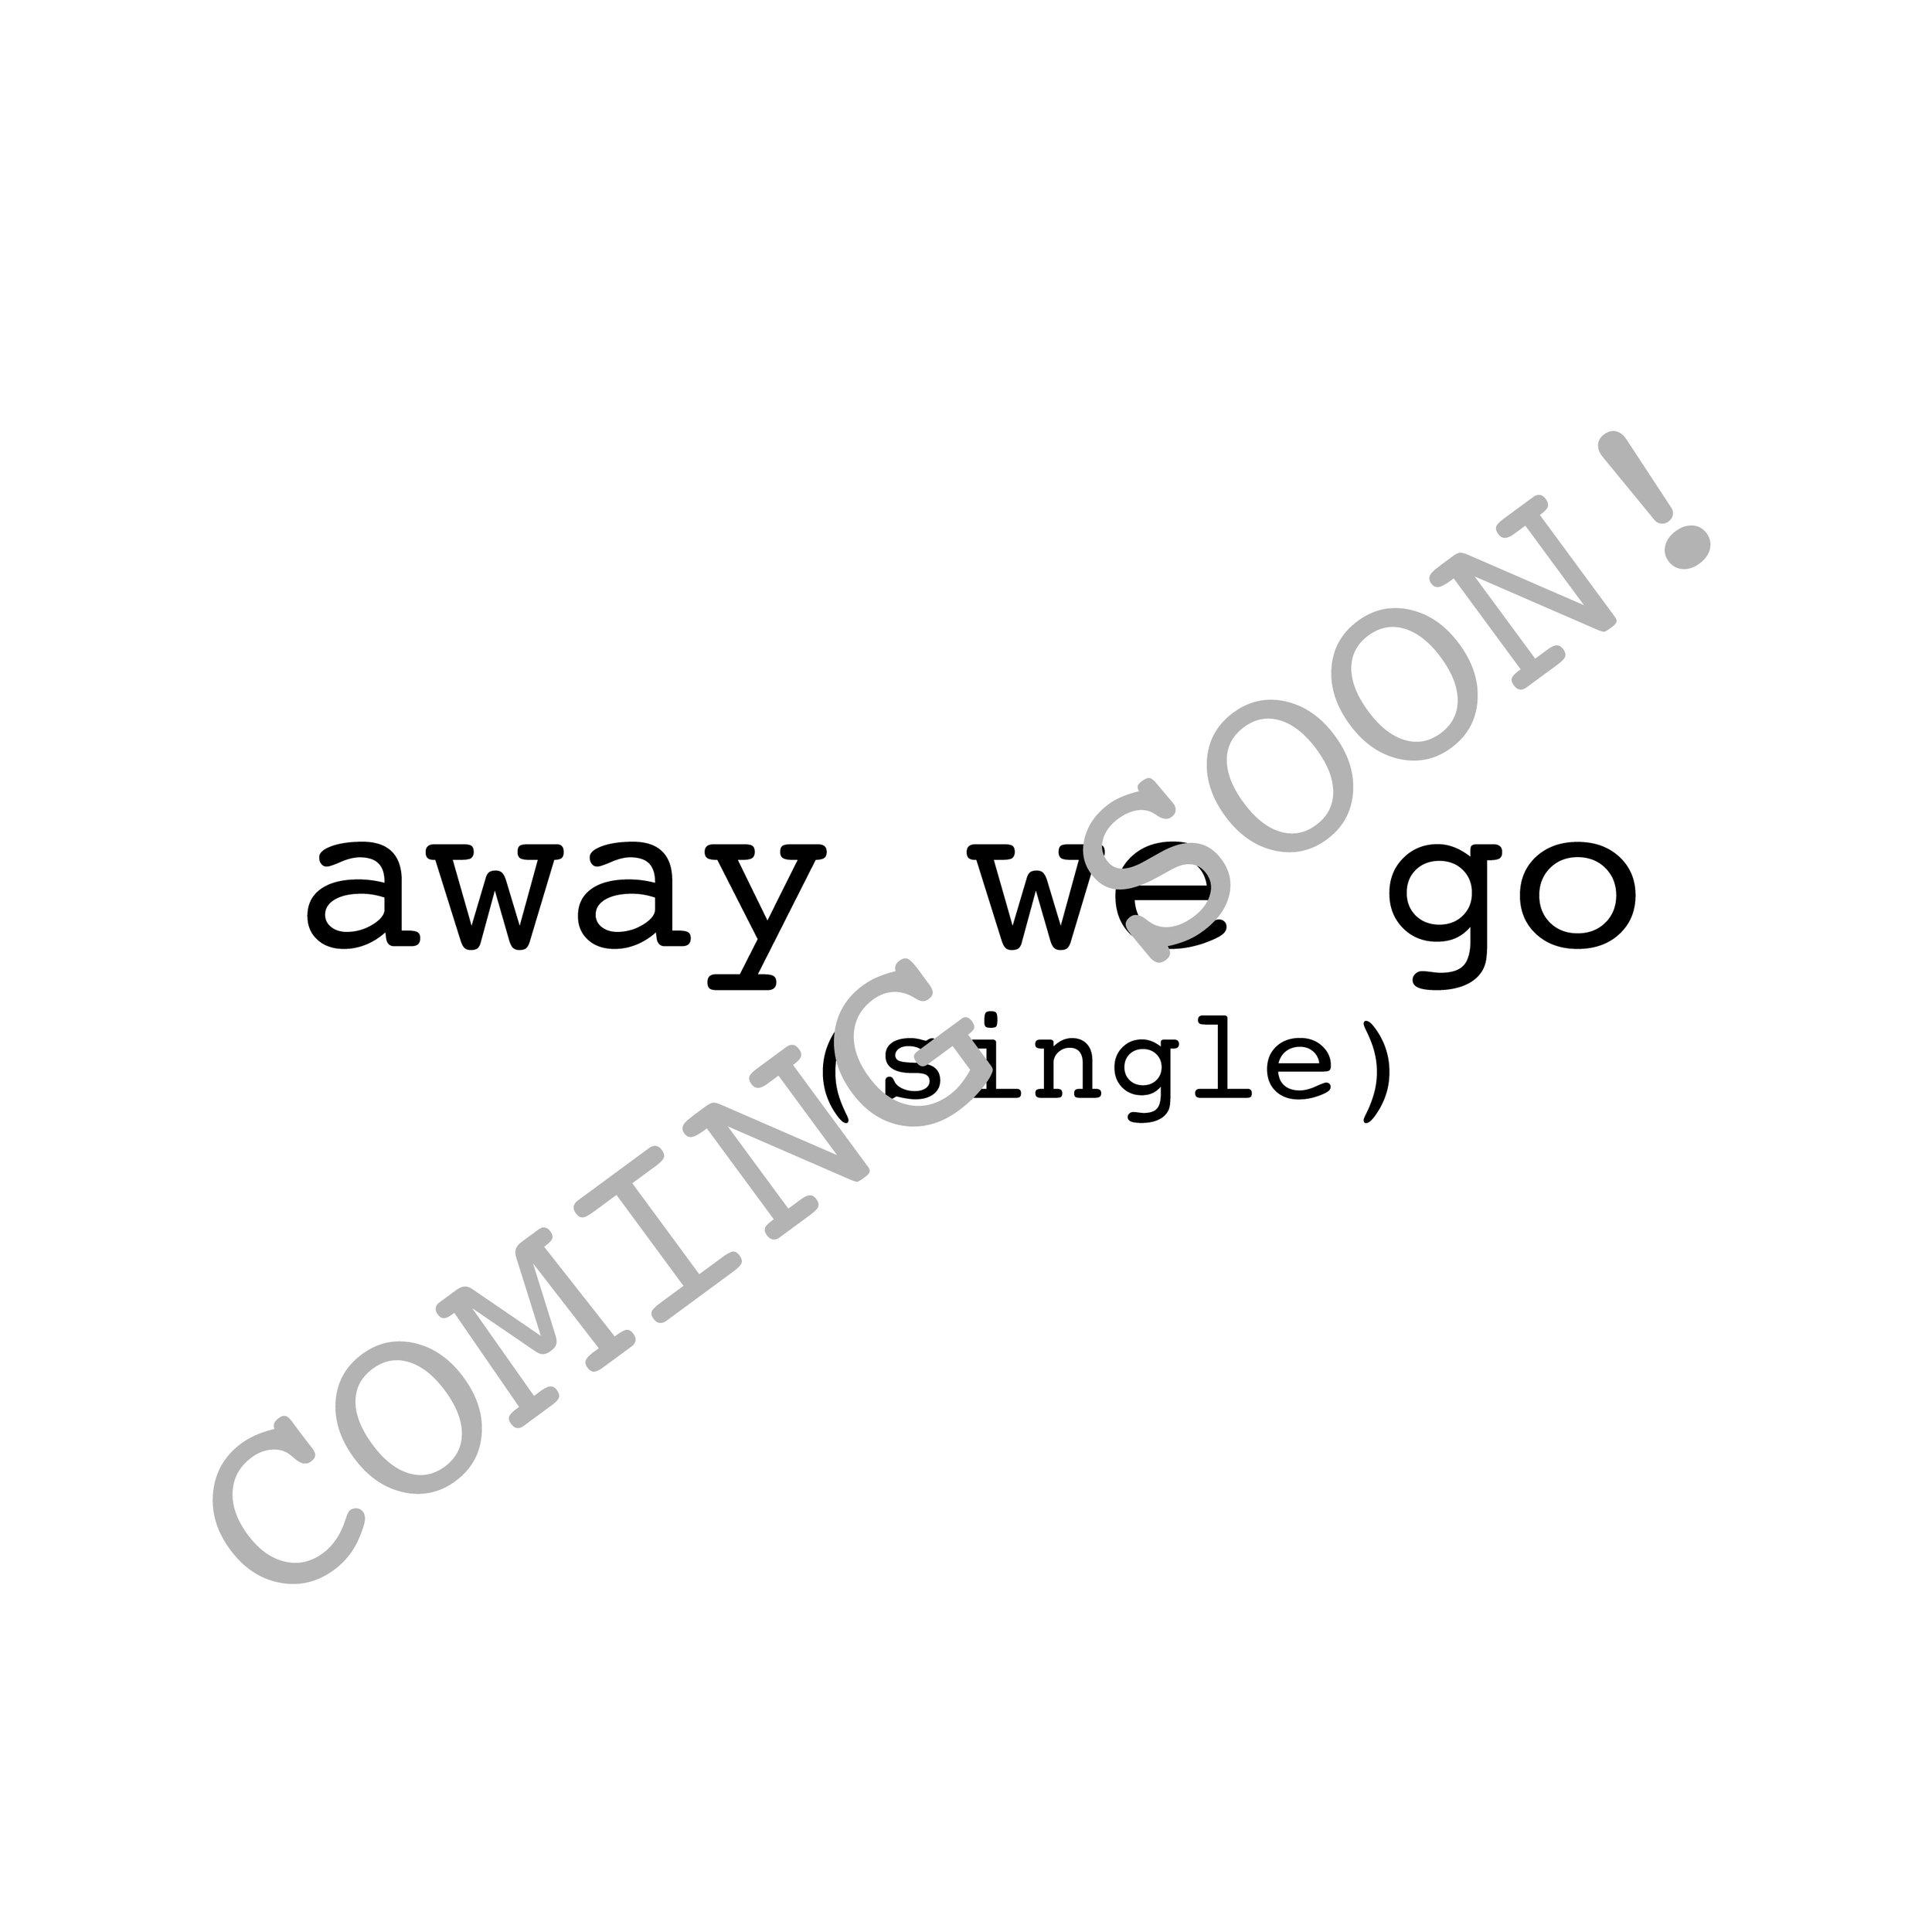 away-we-go-single-art-COMING-SOON-edit.jpg